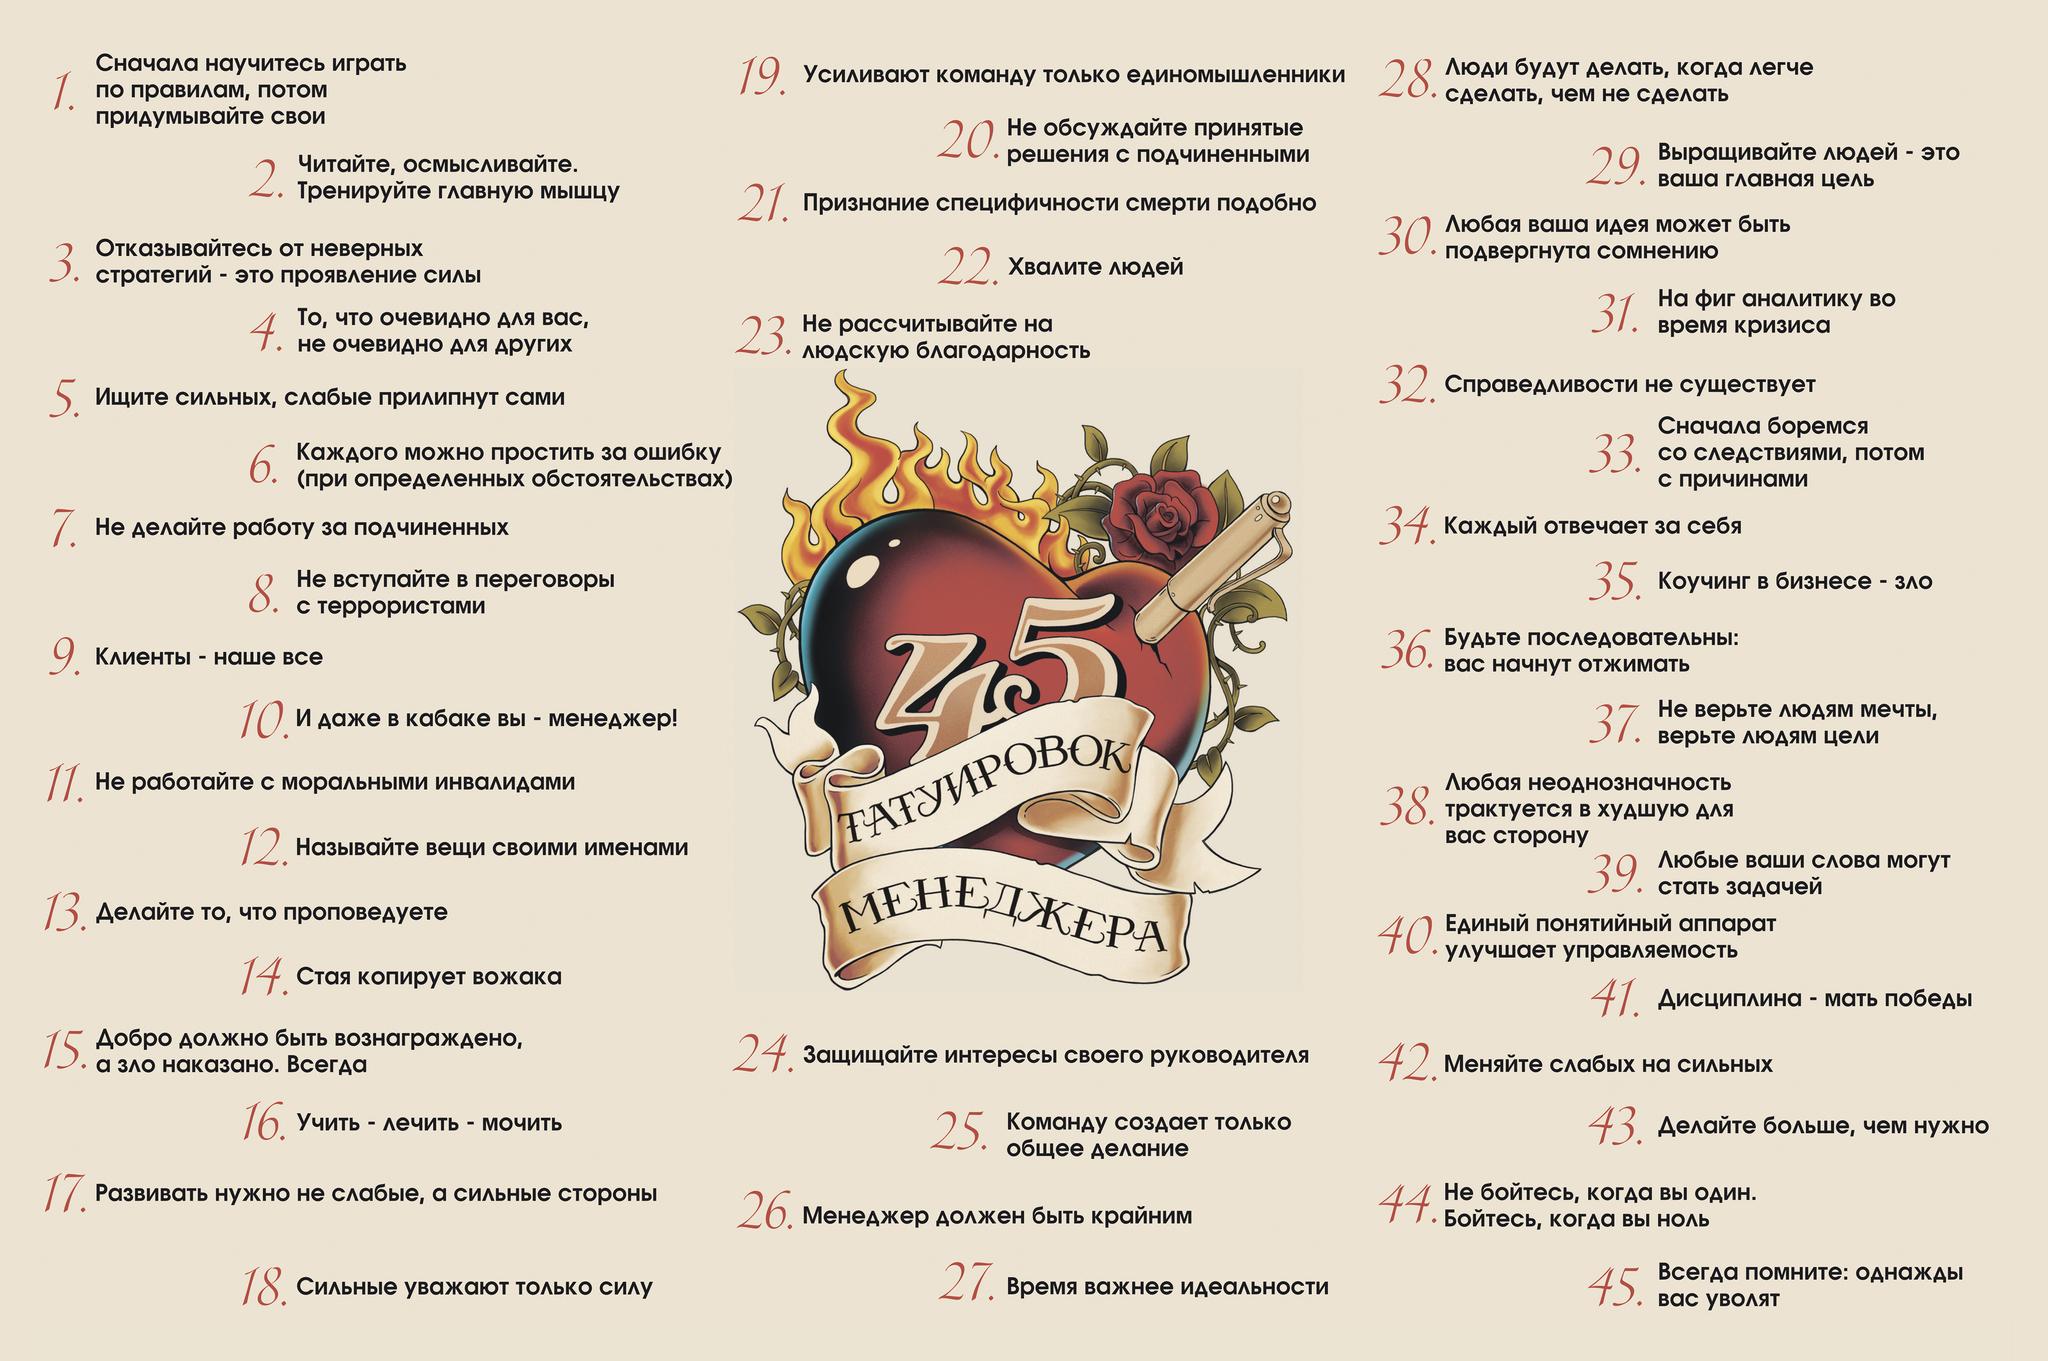 Рецензия на книгу 45 татуировок менеджера 1332